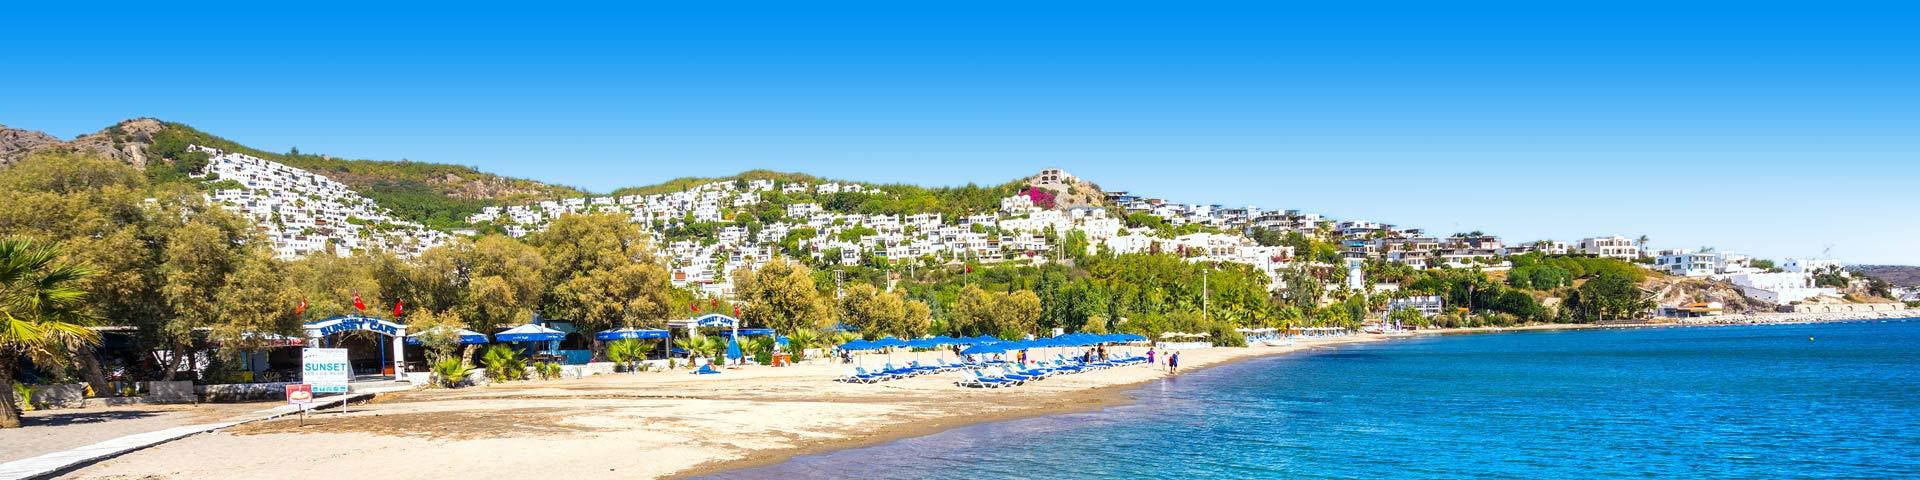 Wit strand in Bodrum, Turkije zonvakantie September